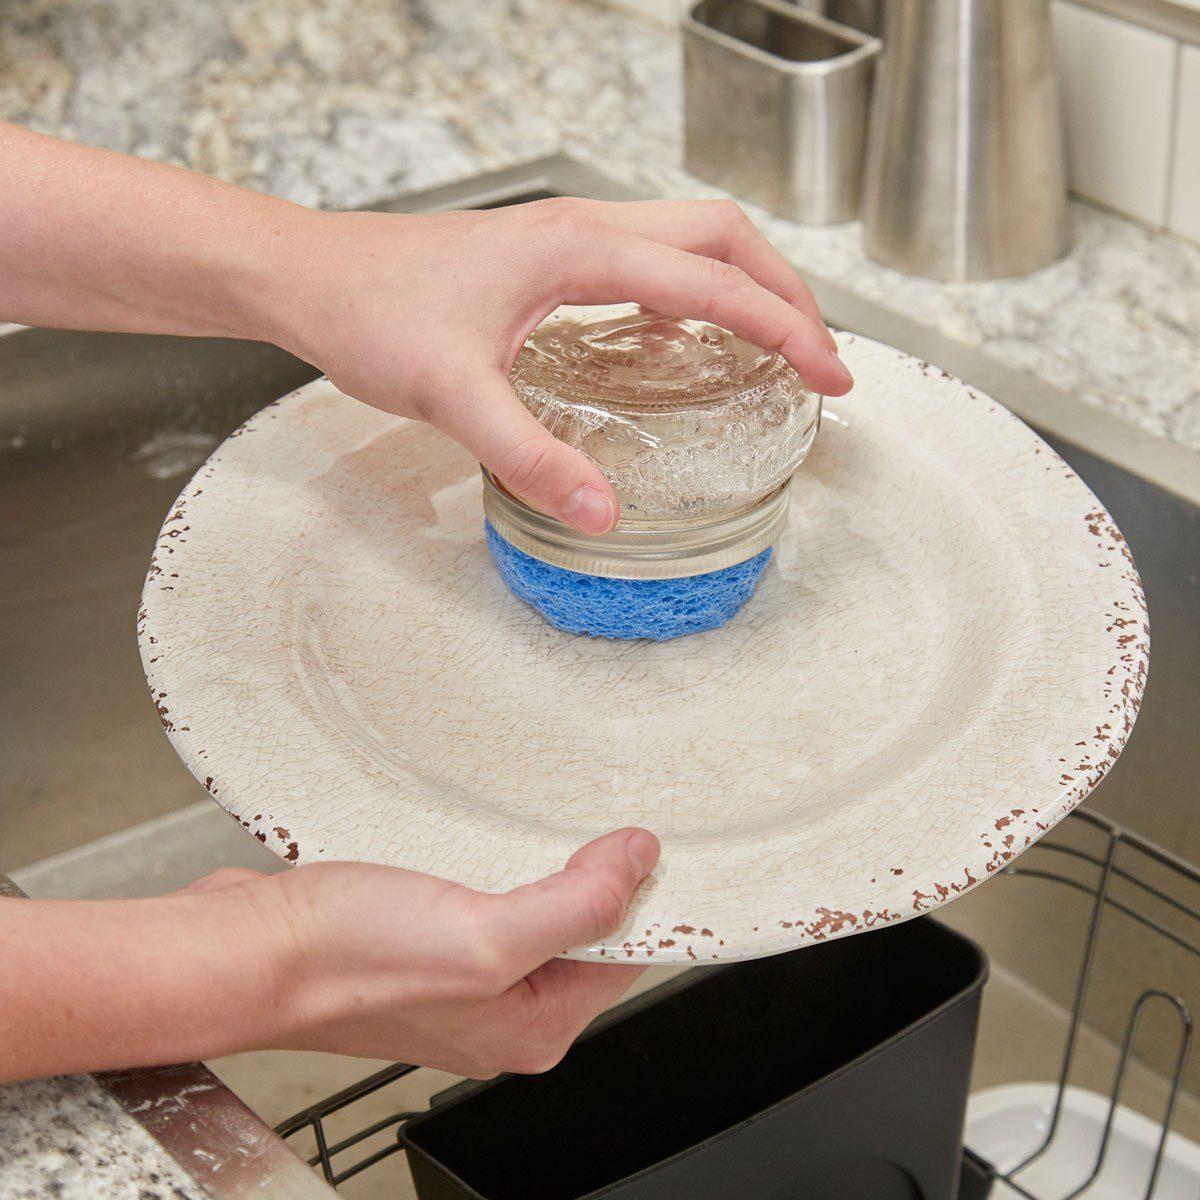 HH Handy Hint DIY dish scrubber mason jar